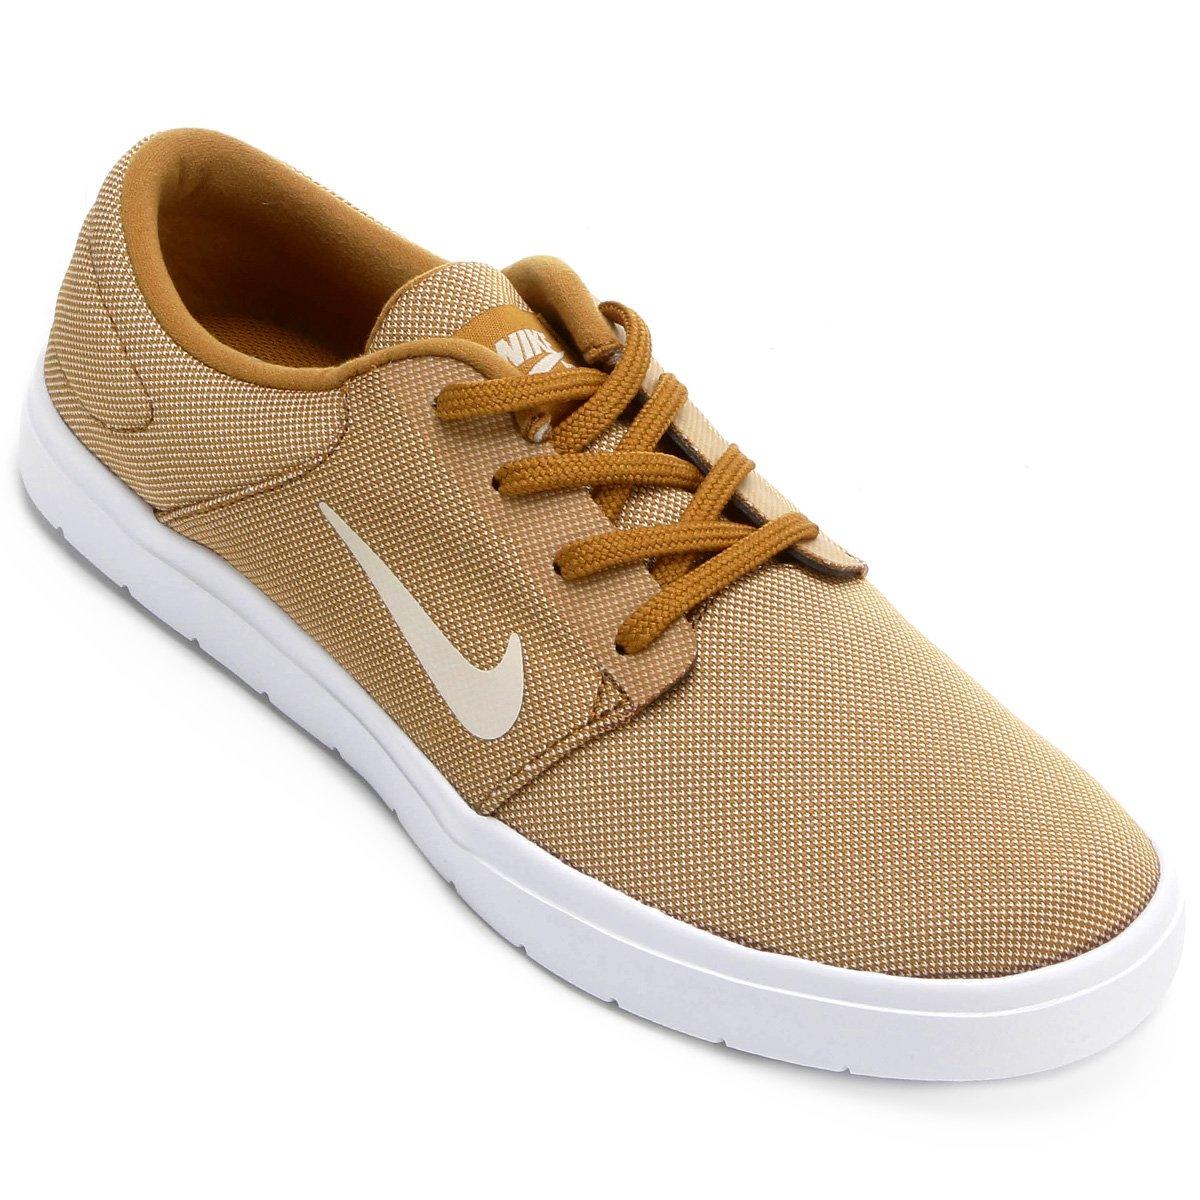 Tênis Nike Sb Agora Portmore Ultralight Cn Compre Agora Sb Netsapatos 8c82f6